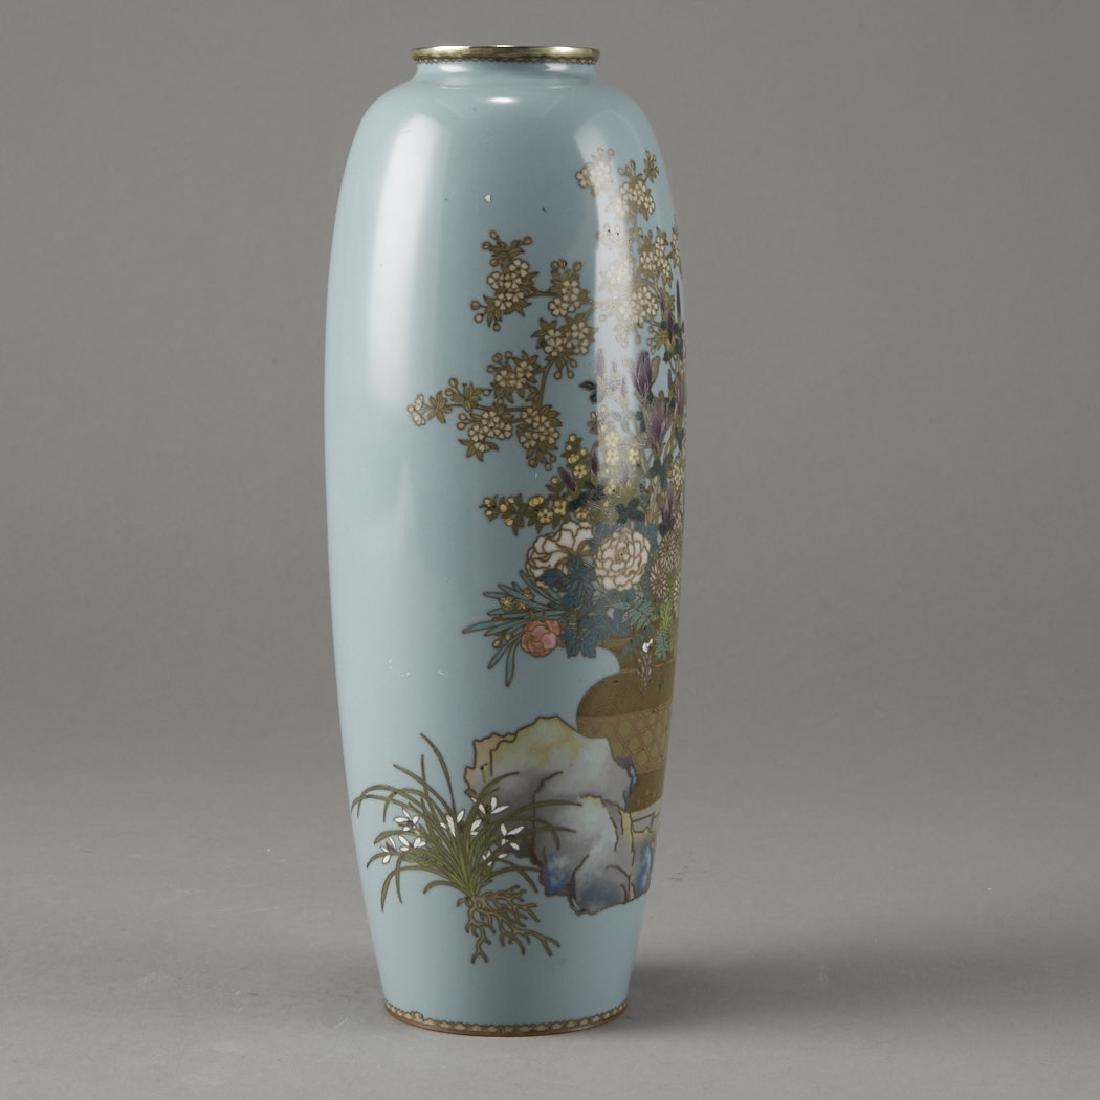 Japanese Cloisonne Vase after of Hayashi Kodenji - 4